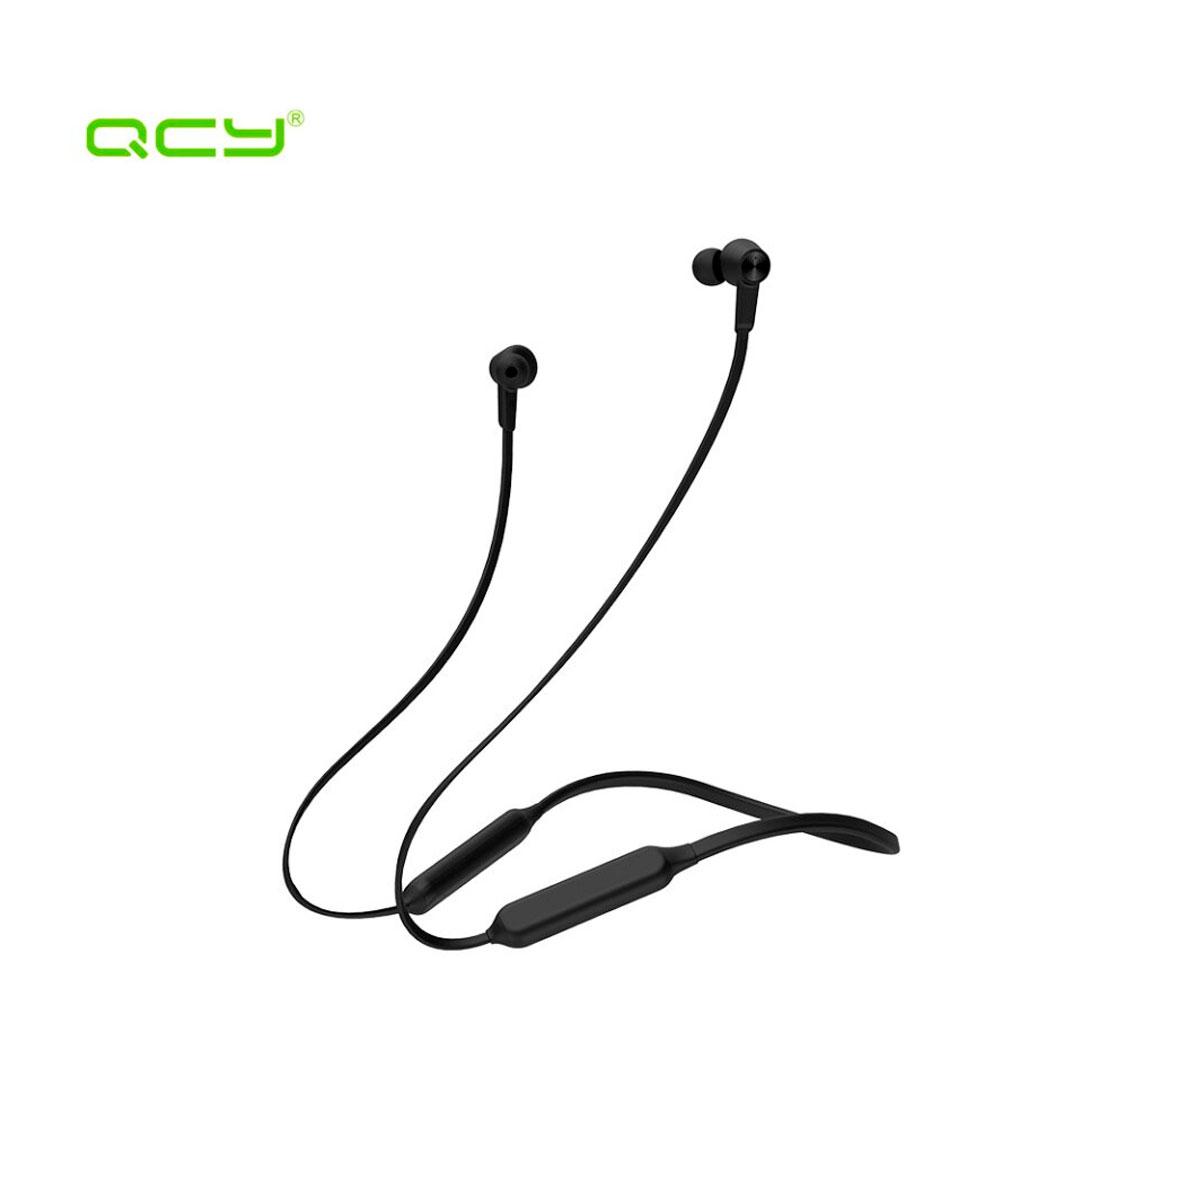 Fone QCY L2 Bluetooth 5.0 Com Cancelamento de Ruído Ativo